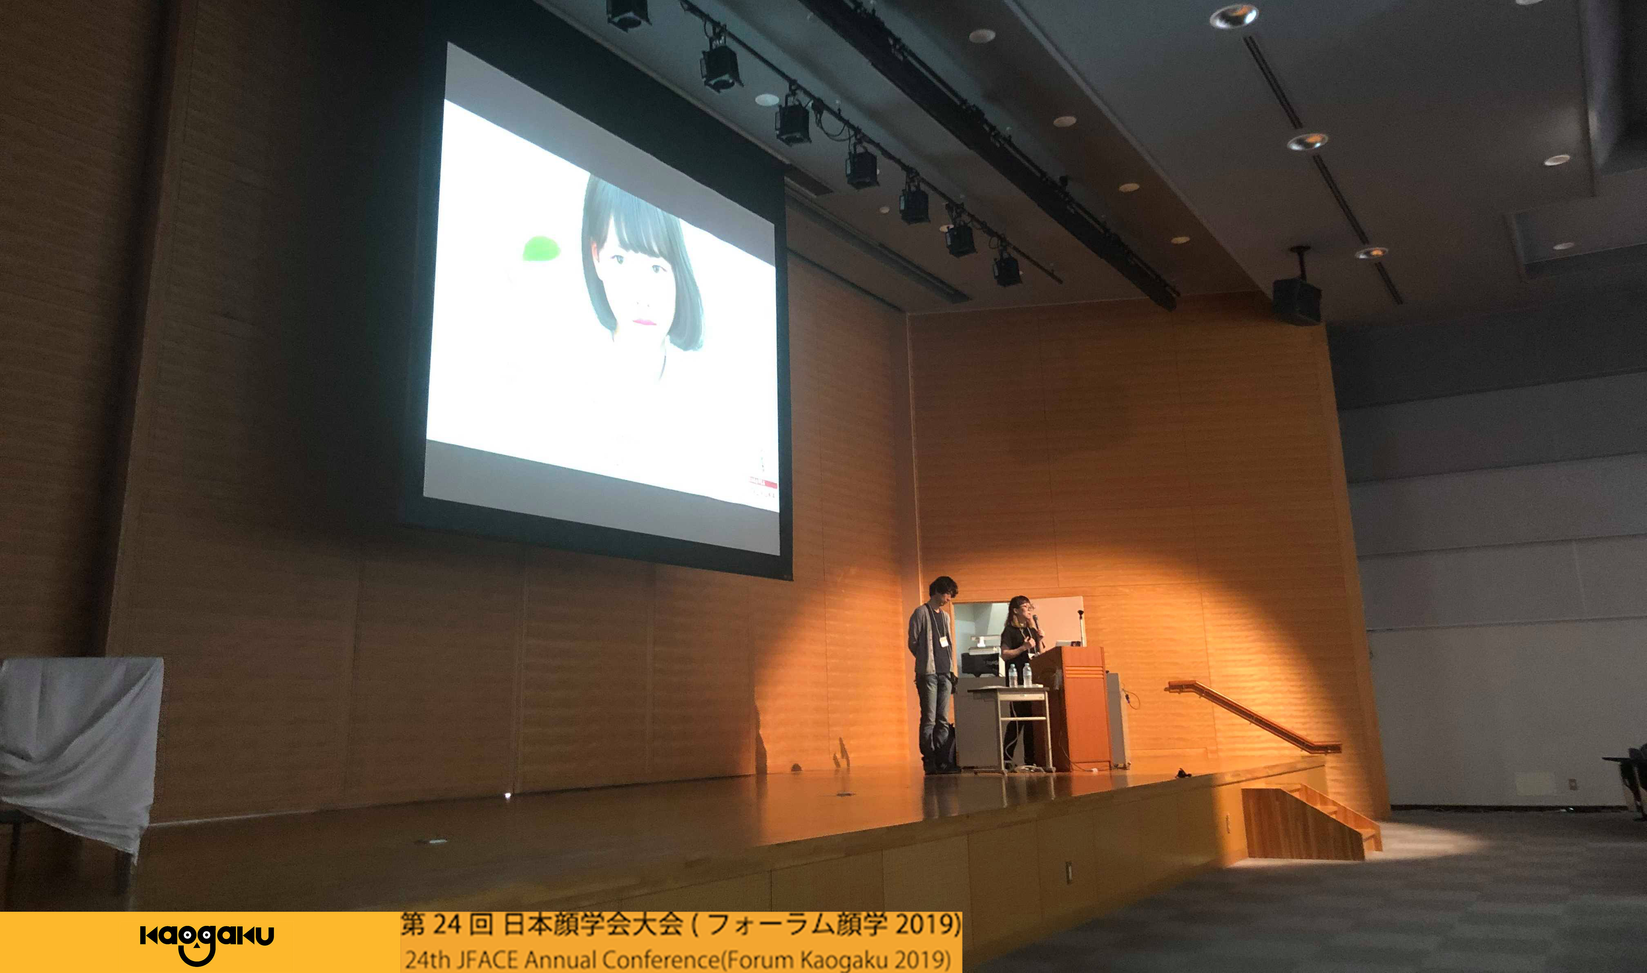 第24回 日本顔学会大会(特別講演2